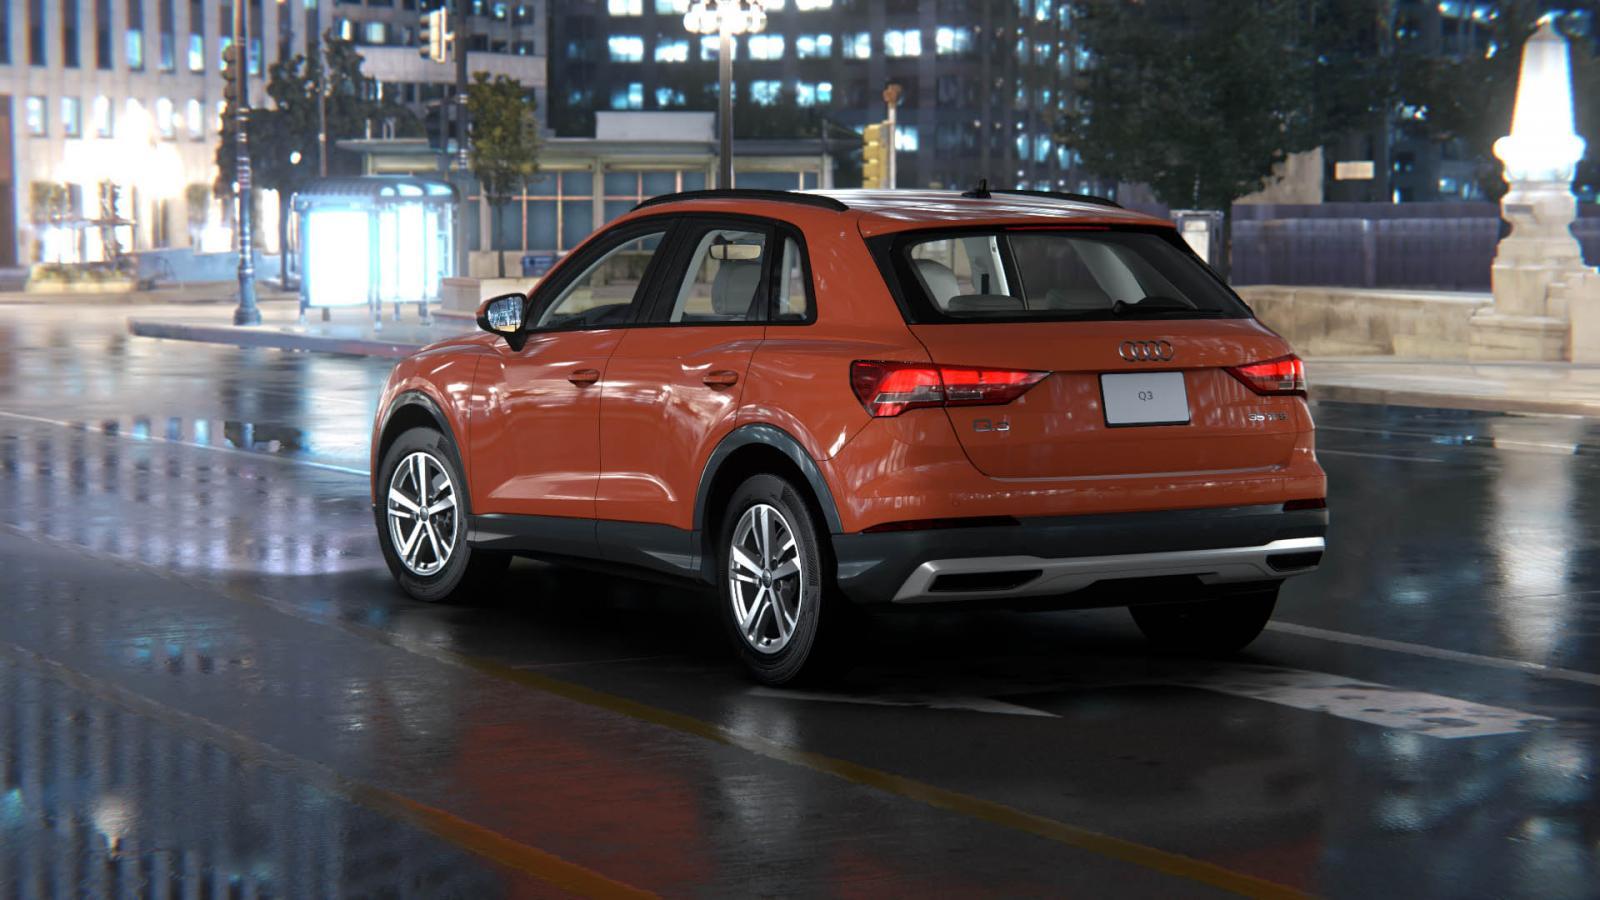 La Audi Q3 S Line tiene sensores de estacionamiento